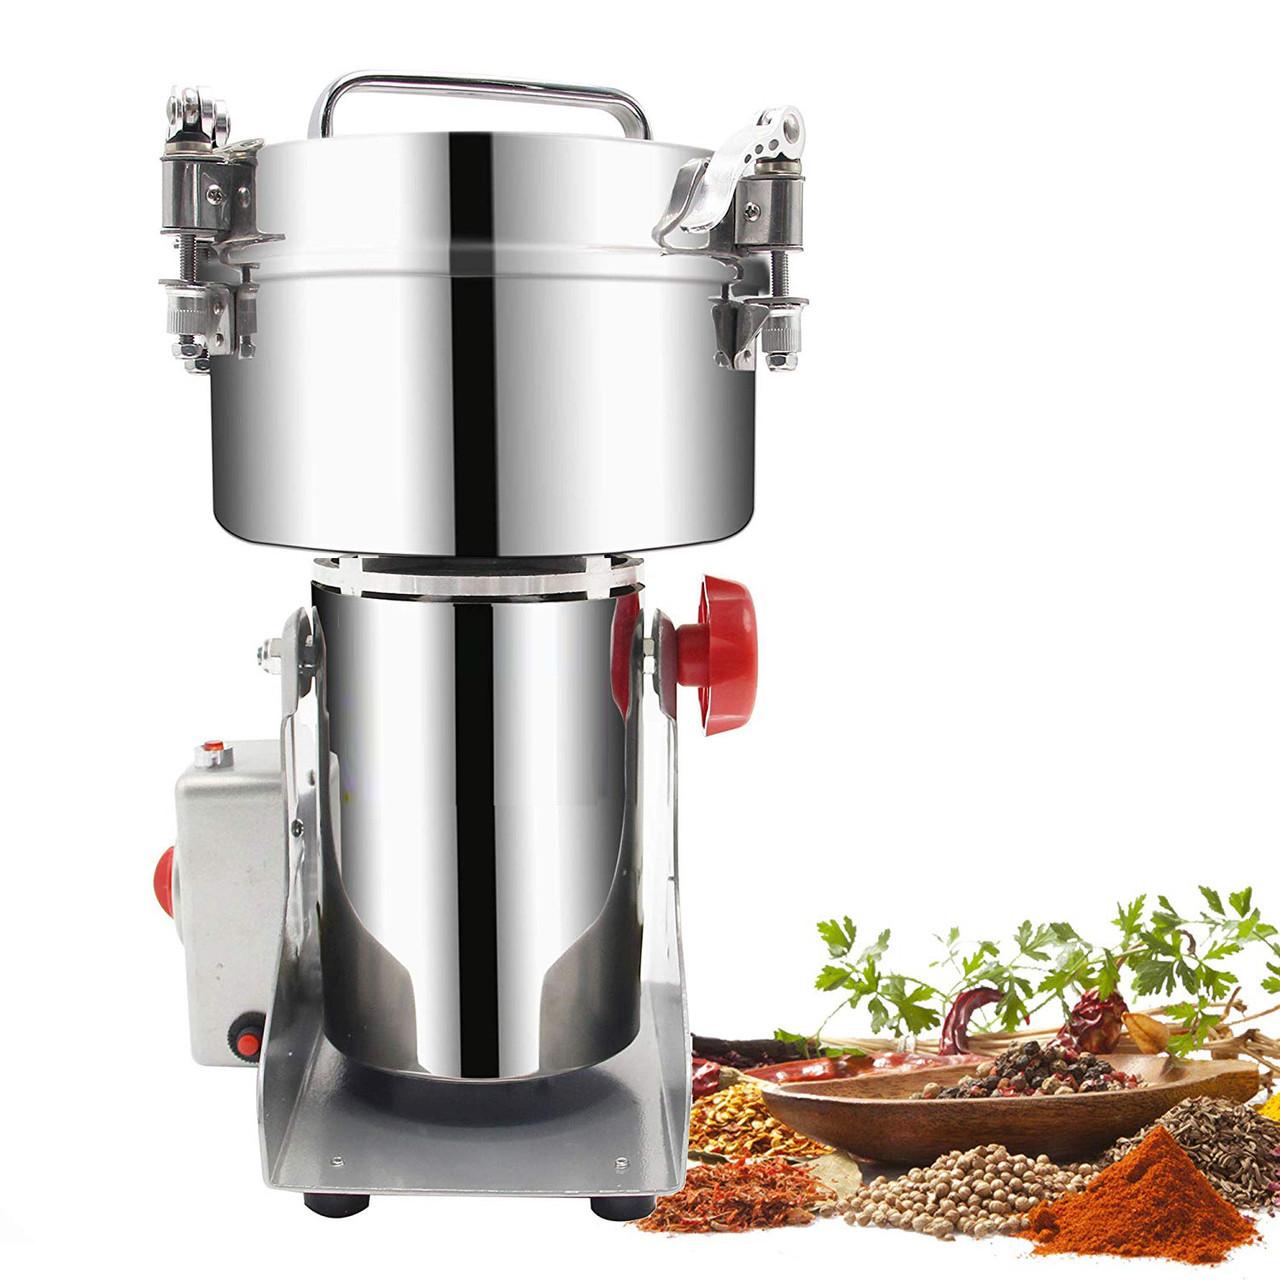 Мельница для кофе Vilitek VLM-16 800 г 2200 мл кофемолка промышленная